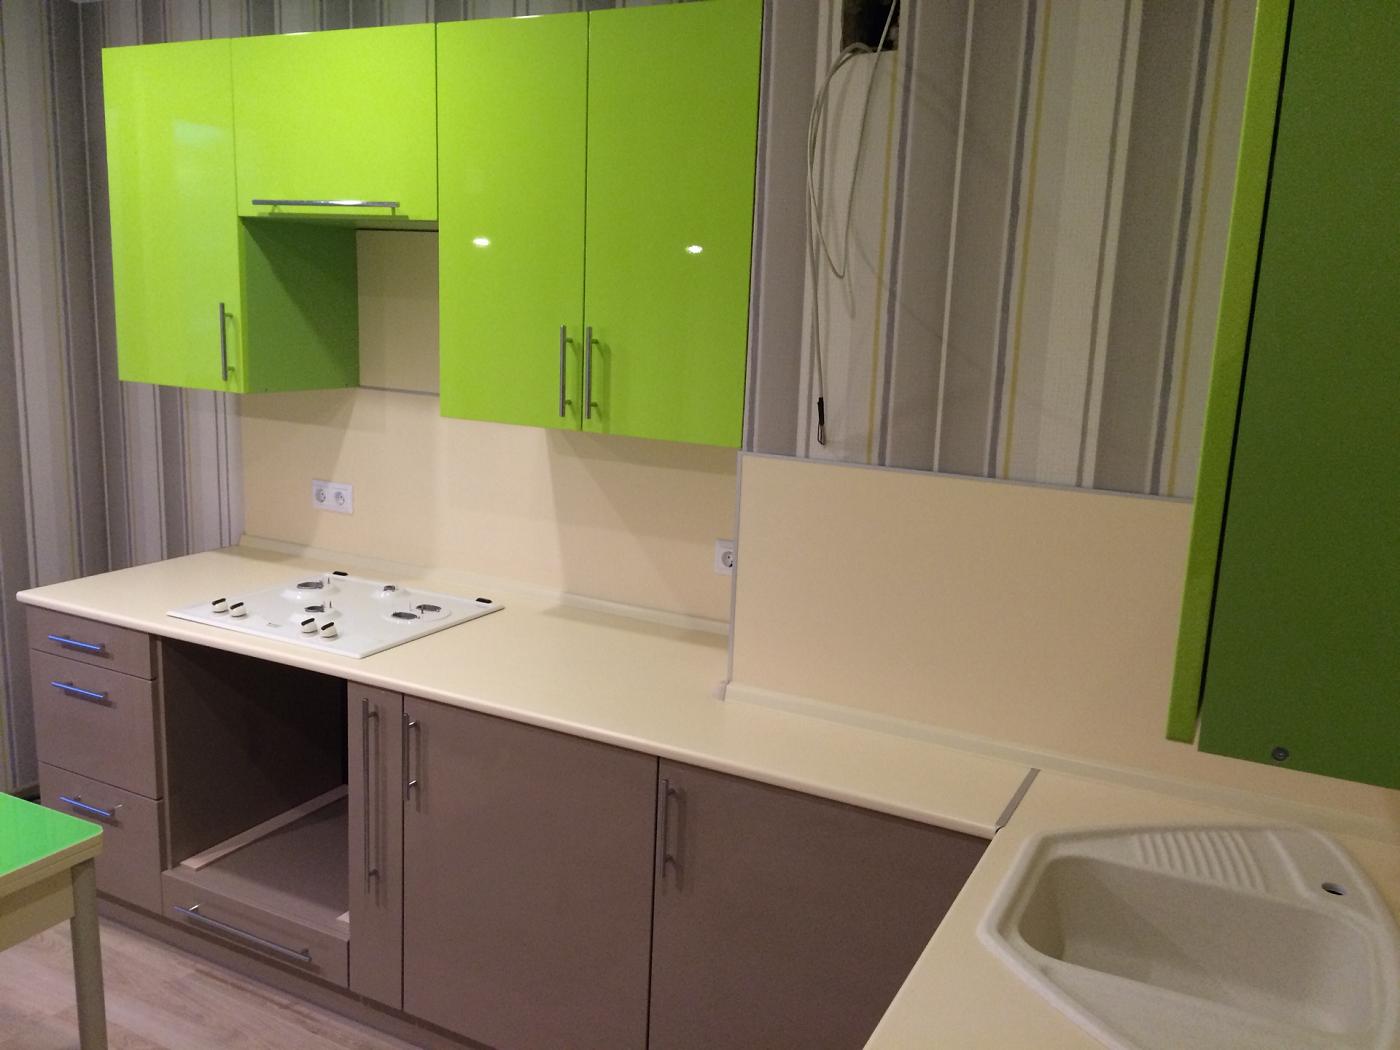 Кухня цвета белый глянец - заказать недорого в Москве